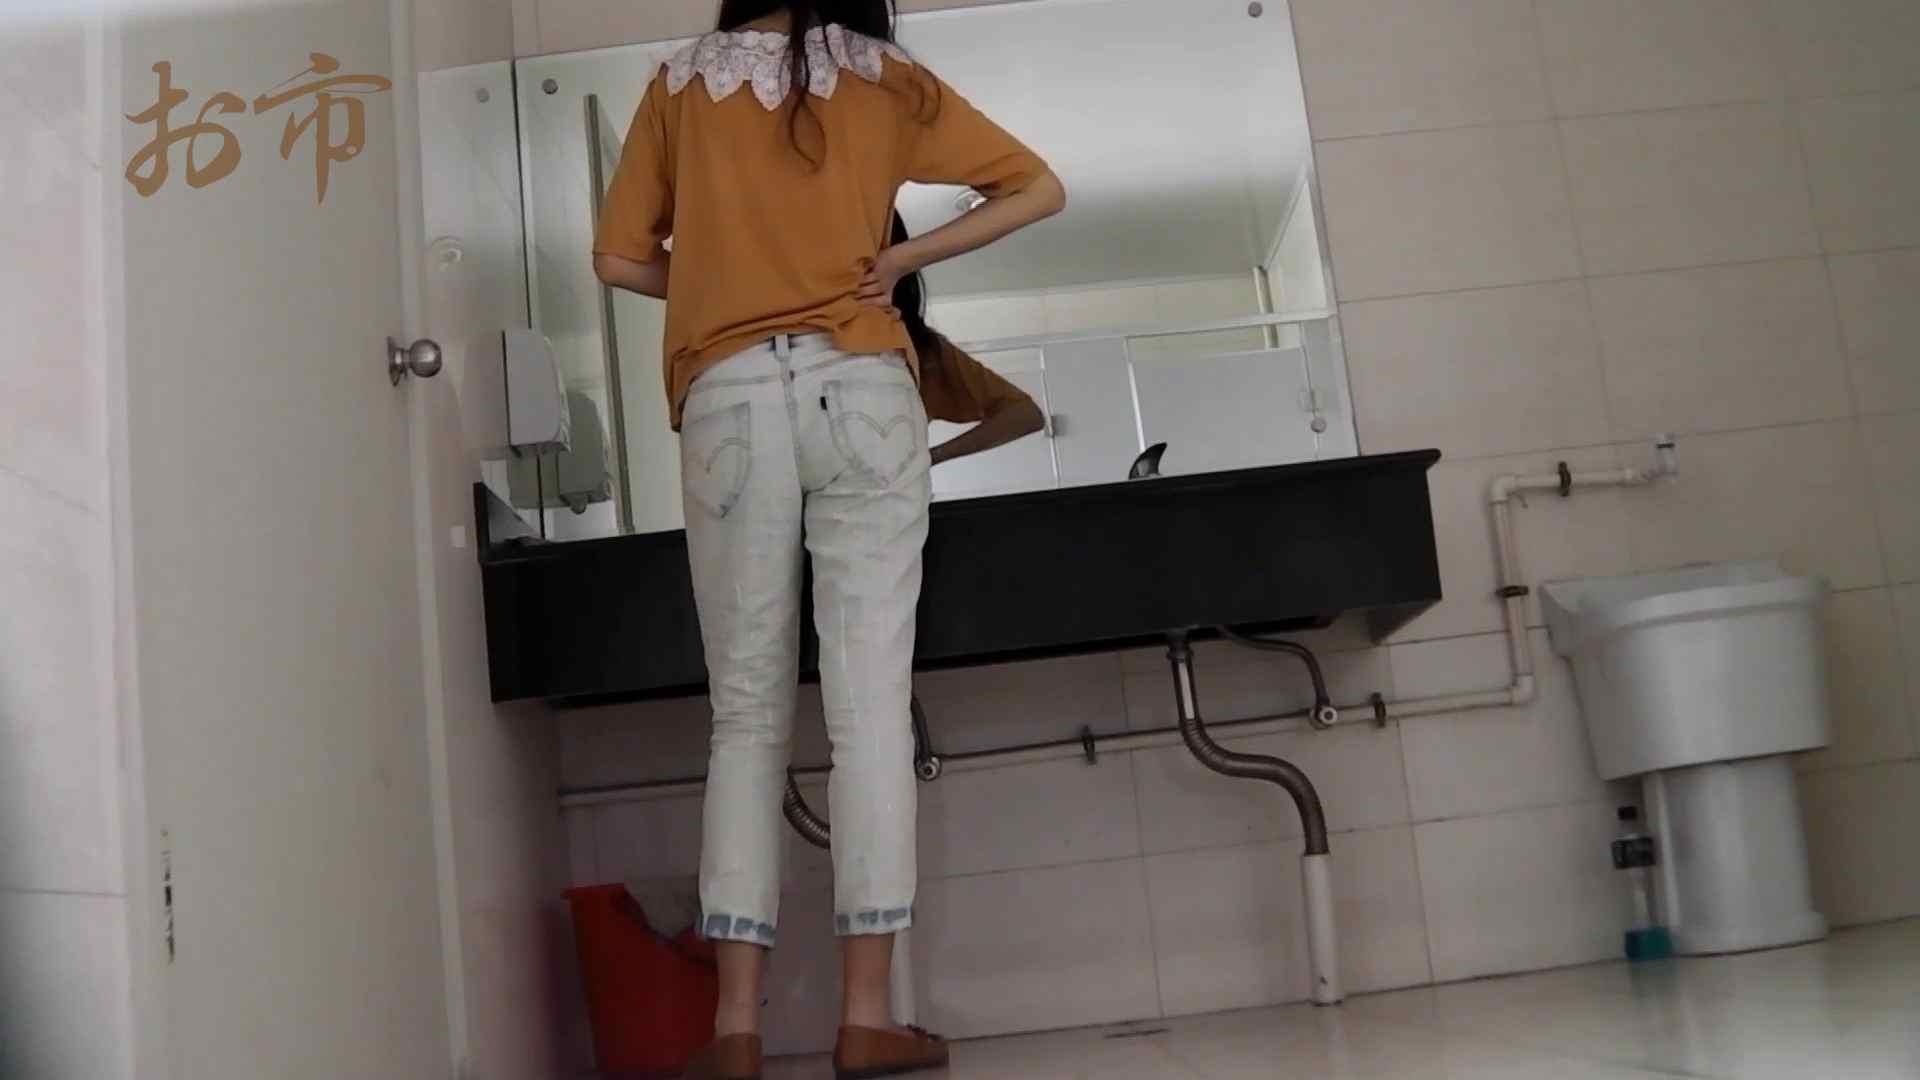 潜入!!台湾名門女学院 Vol.12 長身モデル驚き見たことないシチュエーション エッチすぎるOL達 スケベ動画紹介 25連発 2